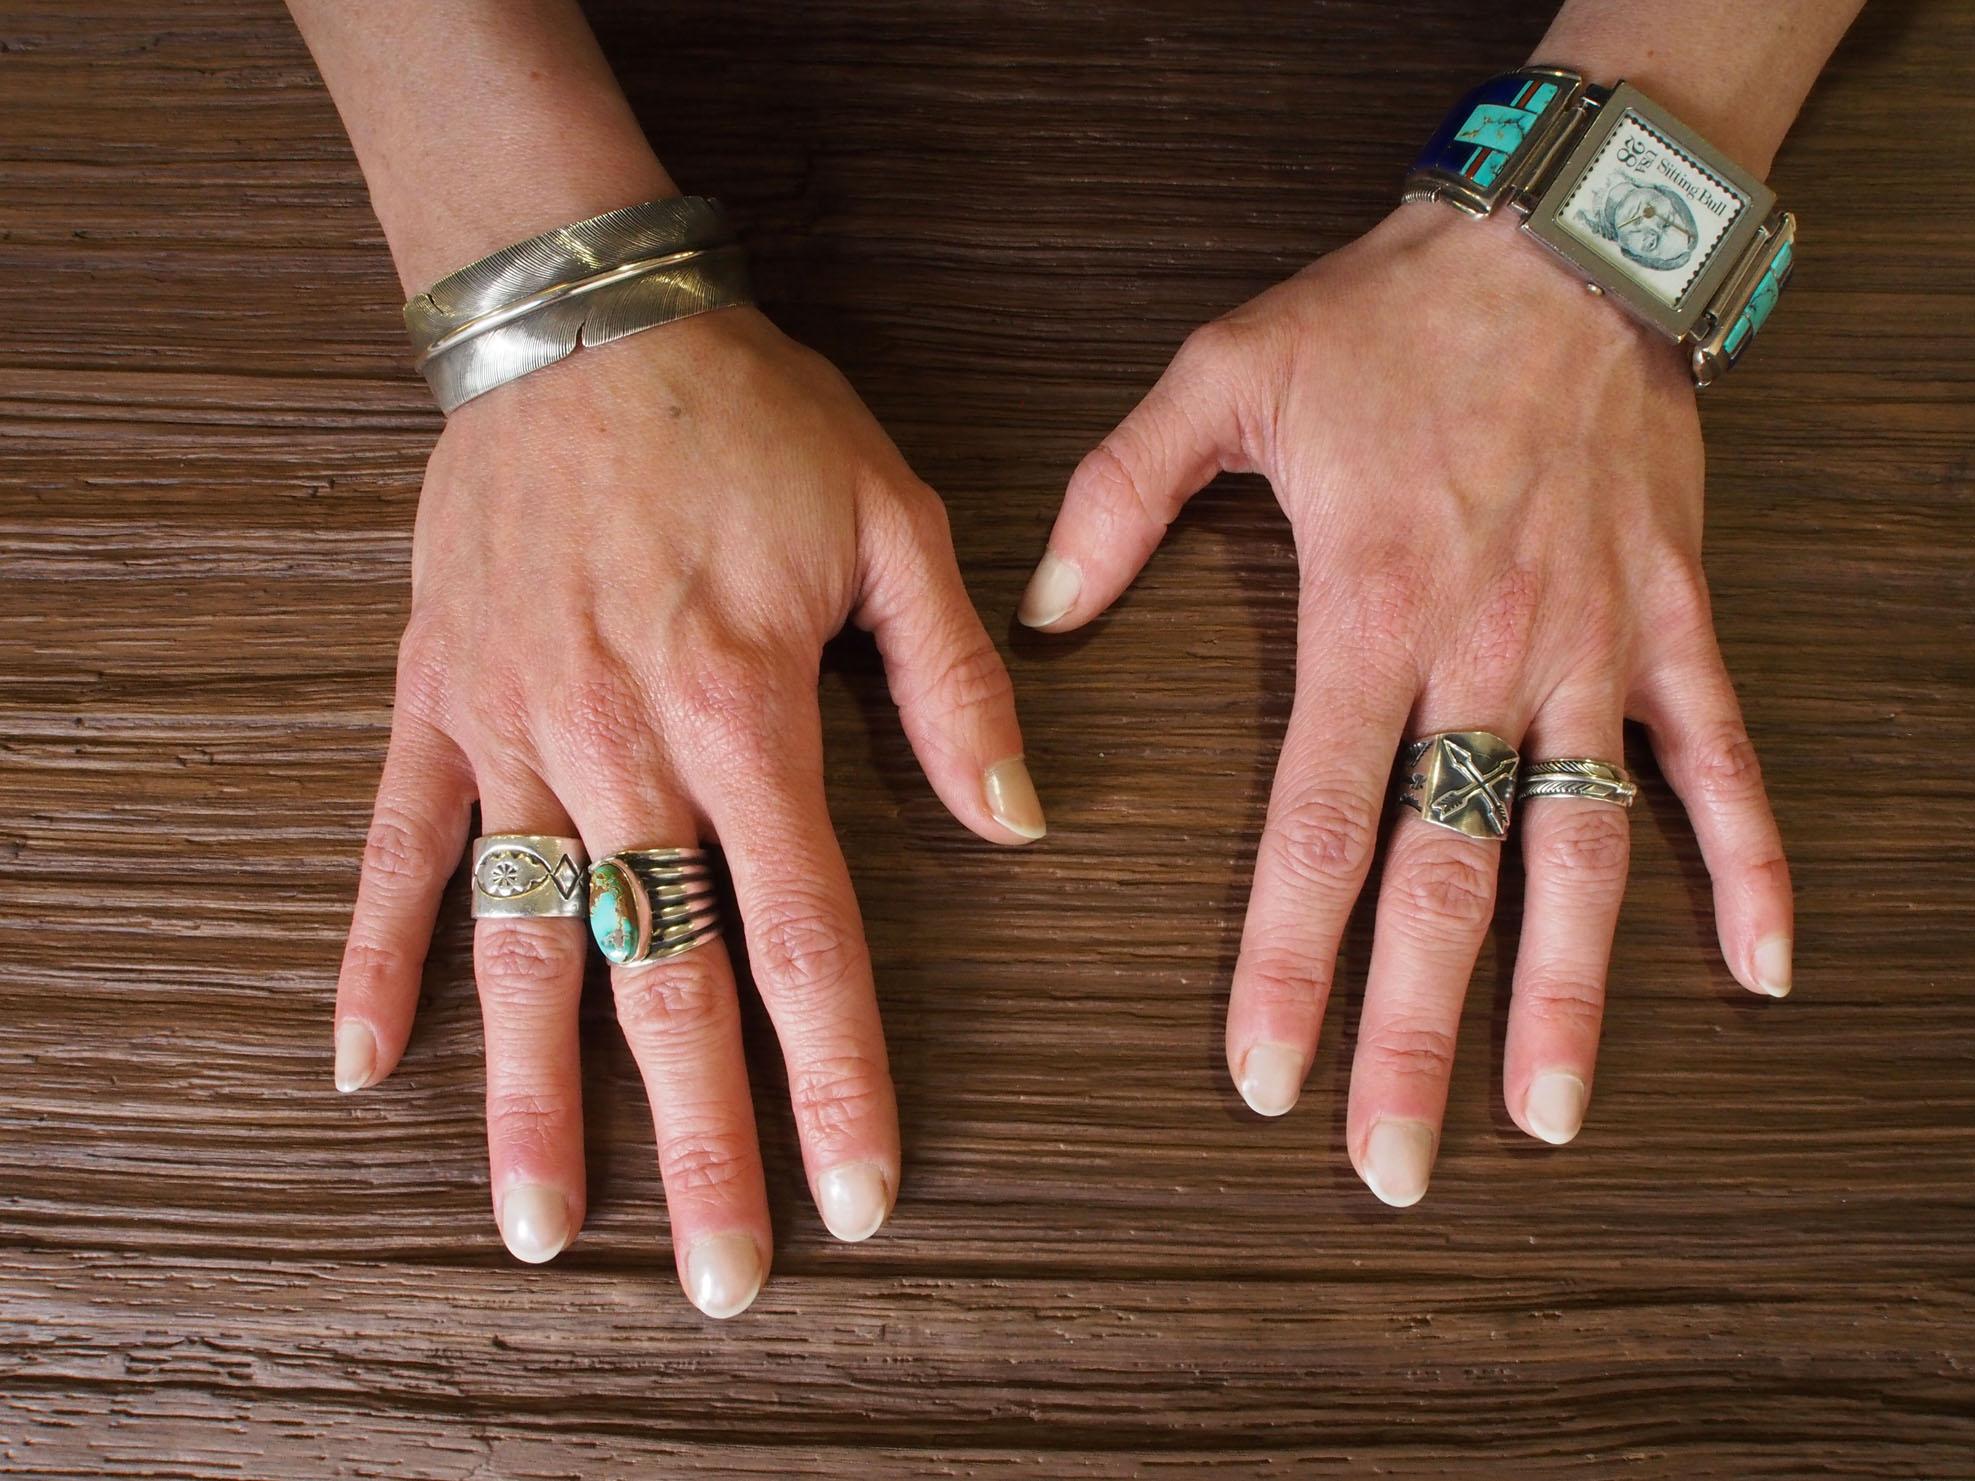 nouvelle collection e59f9 5ad9d Harpo, marque de bijoux amérindiens : confidences sur ce métier